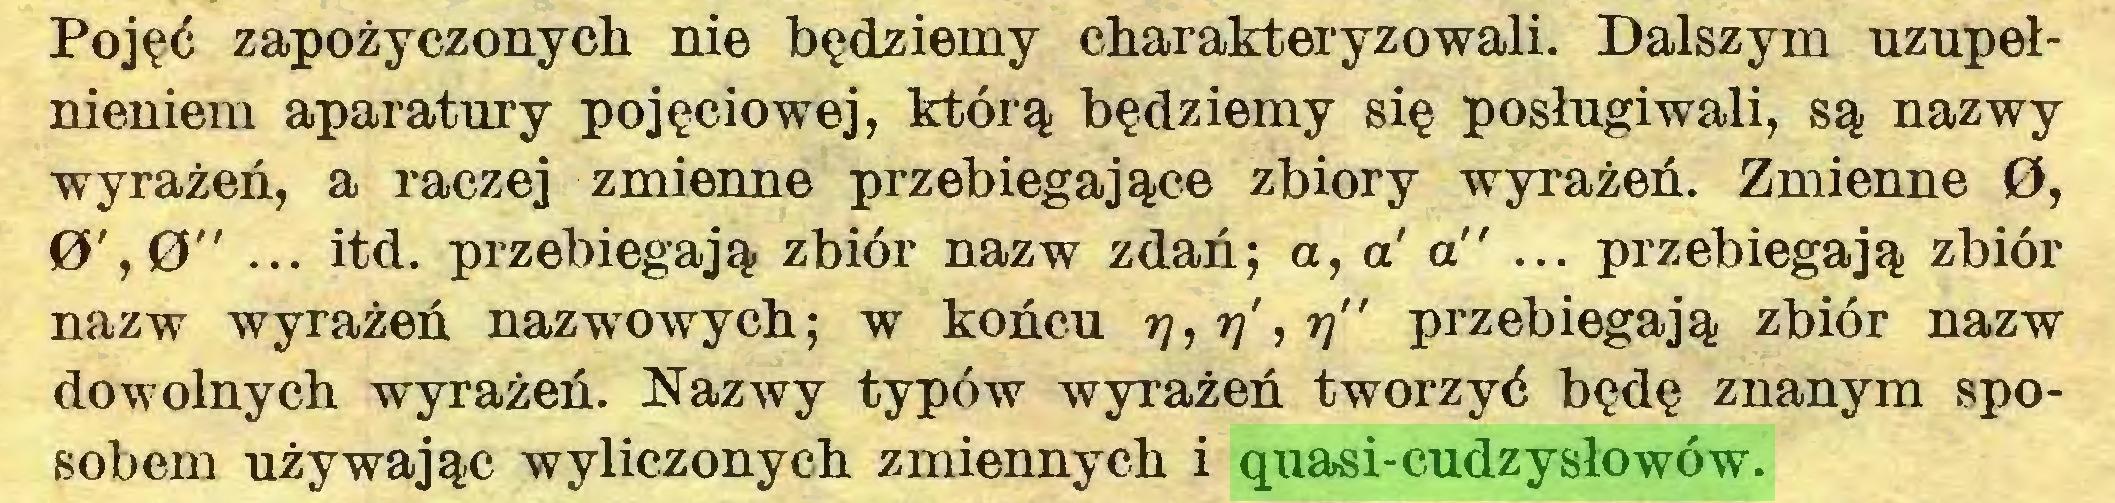 """(...) Pojęć zapożyczonych nie będziemy charakteryzowali. Dalszym uzupełnieniem aparatury pojęciowej, którą będziemy się posługiwali, są nazwy wyrażeń, a raczej zmienne przebiegające zbiory wyrażeń. Zmienne 0, 0',0"""" ... itd. przebiegają zbiór nazw zdań; a, a' a"""" ... przebiegają zbiór nazw wyrażeń nazwowych; w końcu rj,rj\ri"""" przebiegają zbiór nazw dowolnych wyrażeń. Nazwy typów wyrażeń tworzyć będę znanym sposobem używając wyliczonych zmiennych i quasi-cudzysłowów..."""